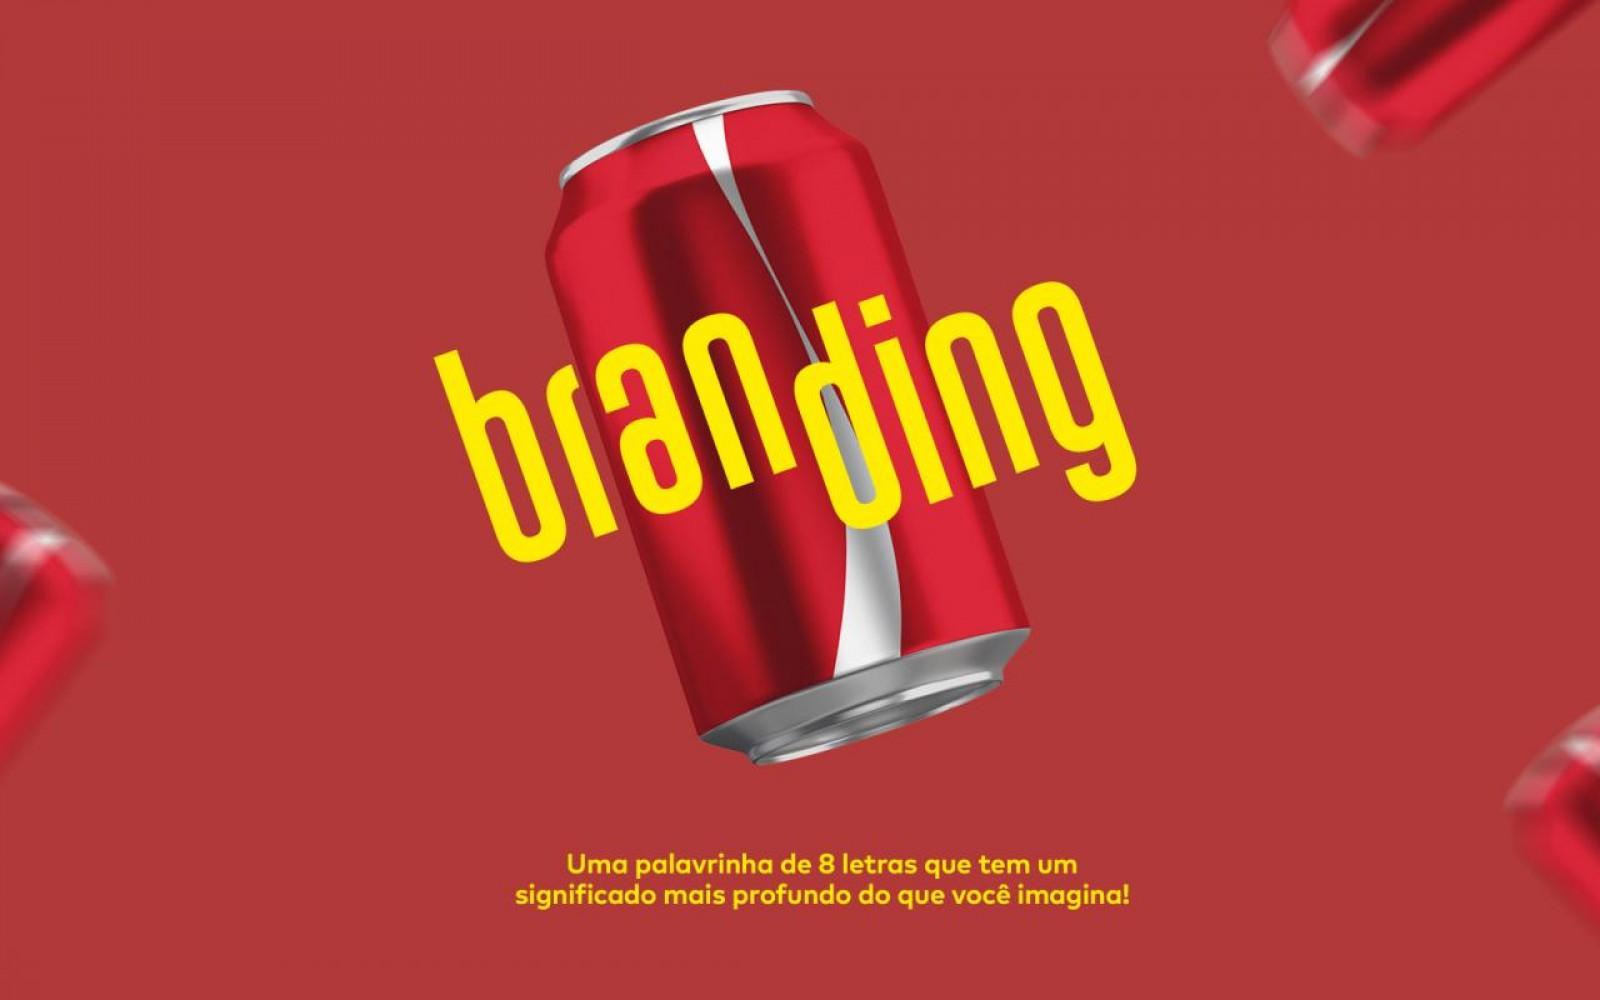 Branding: uma palavra que tem um significado mais profundo do que imagina